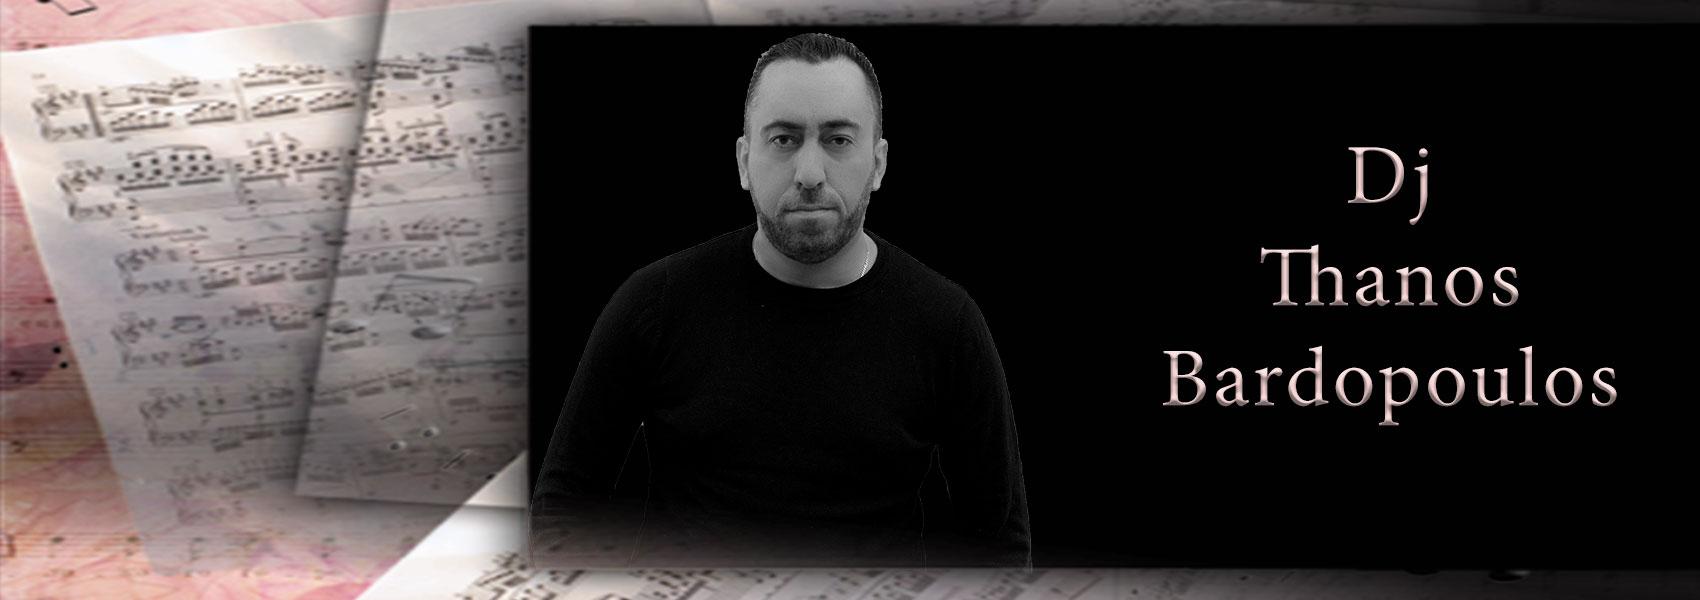 DJ BARDOPOULOS